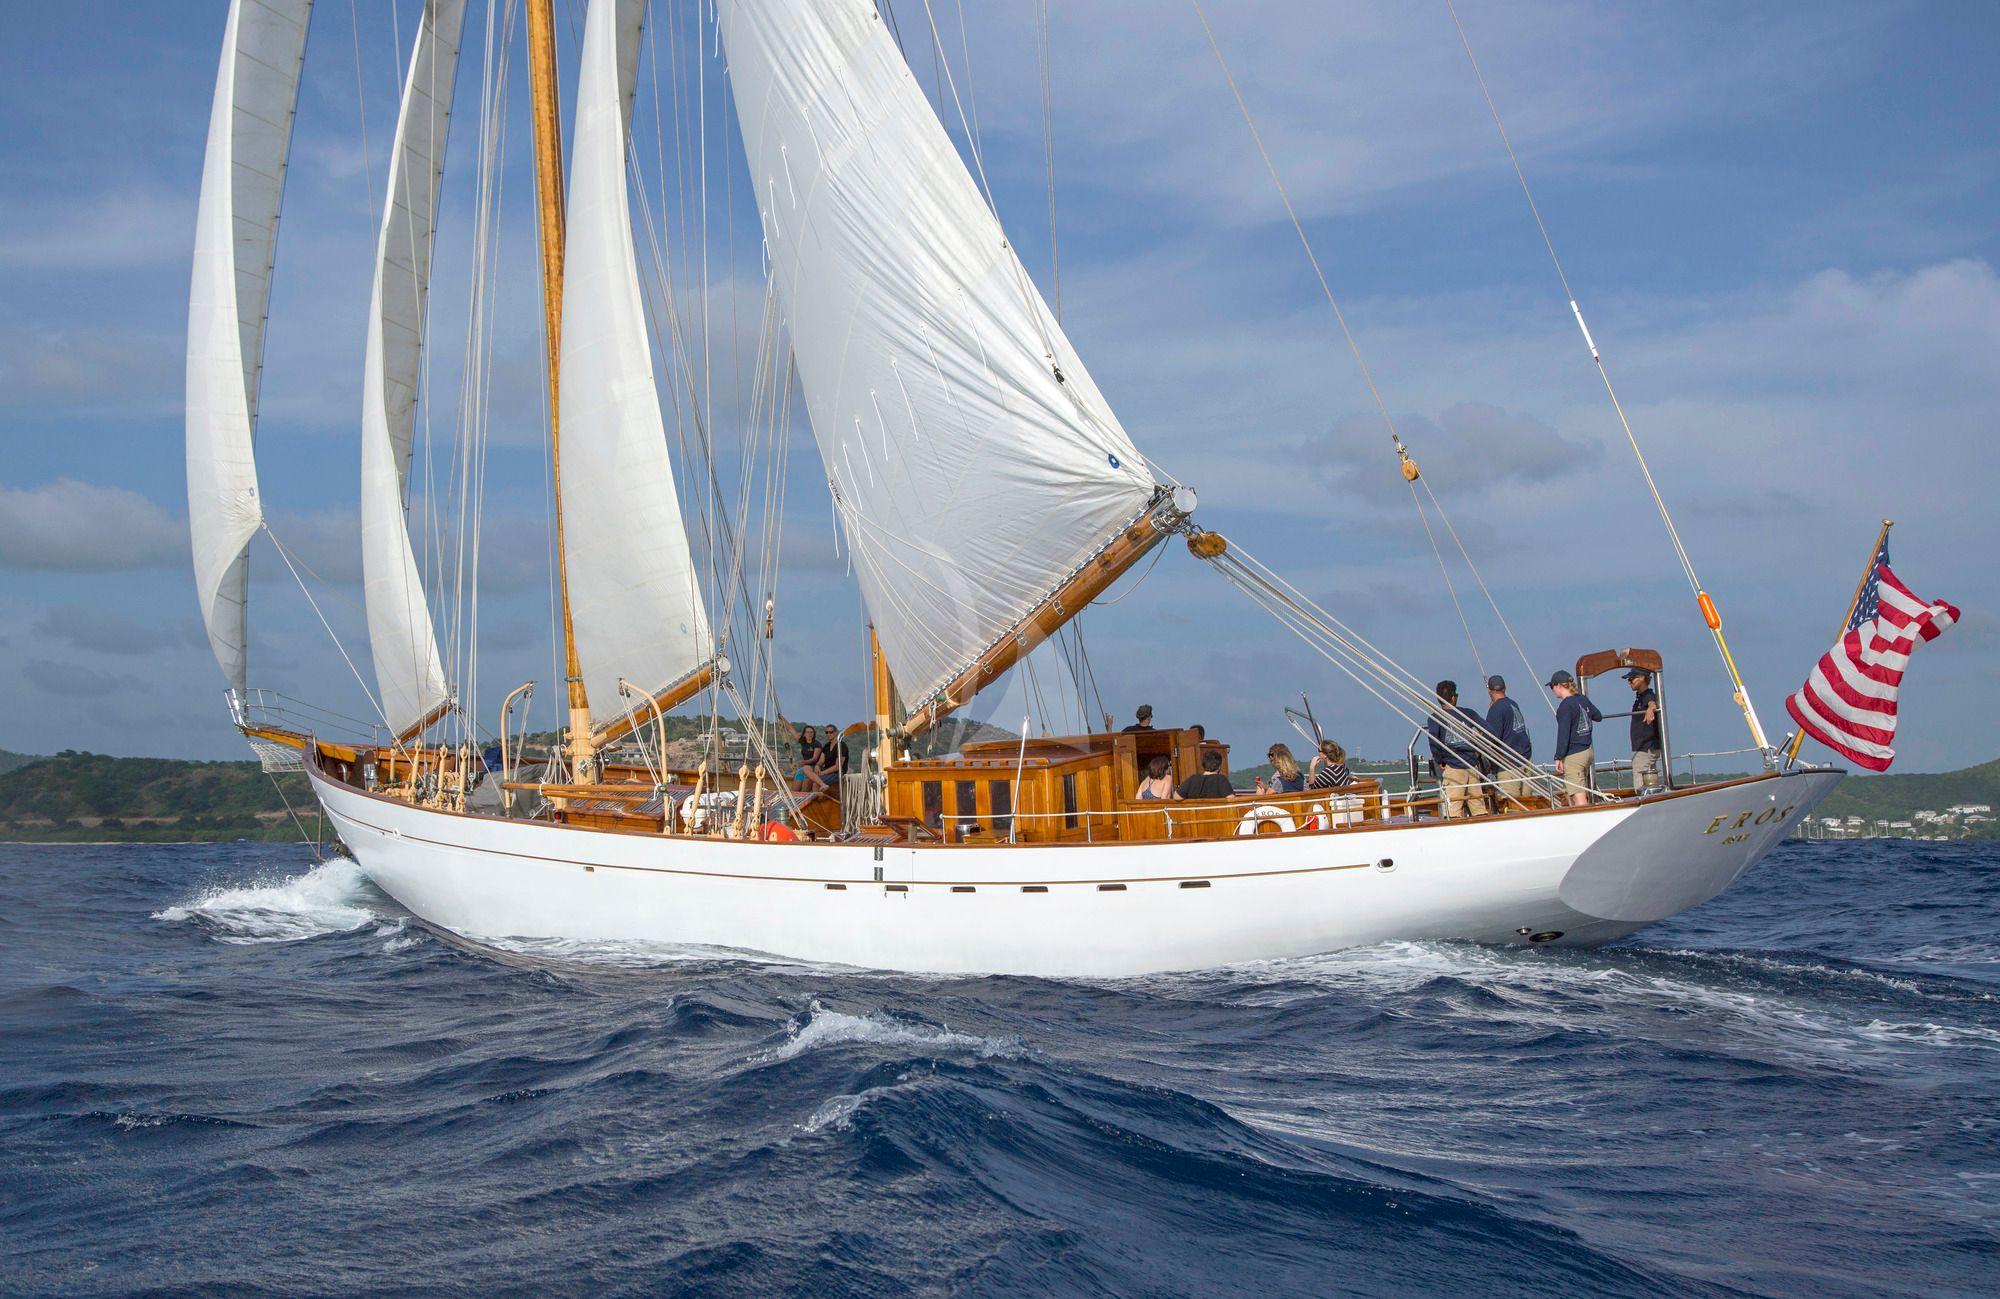 EROS - 35m Staystill Schooner - 4 Cabins - New England - Newport,RI - Caribbean - BVIs